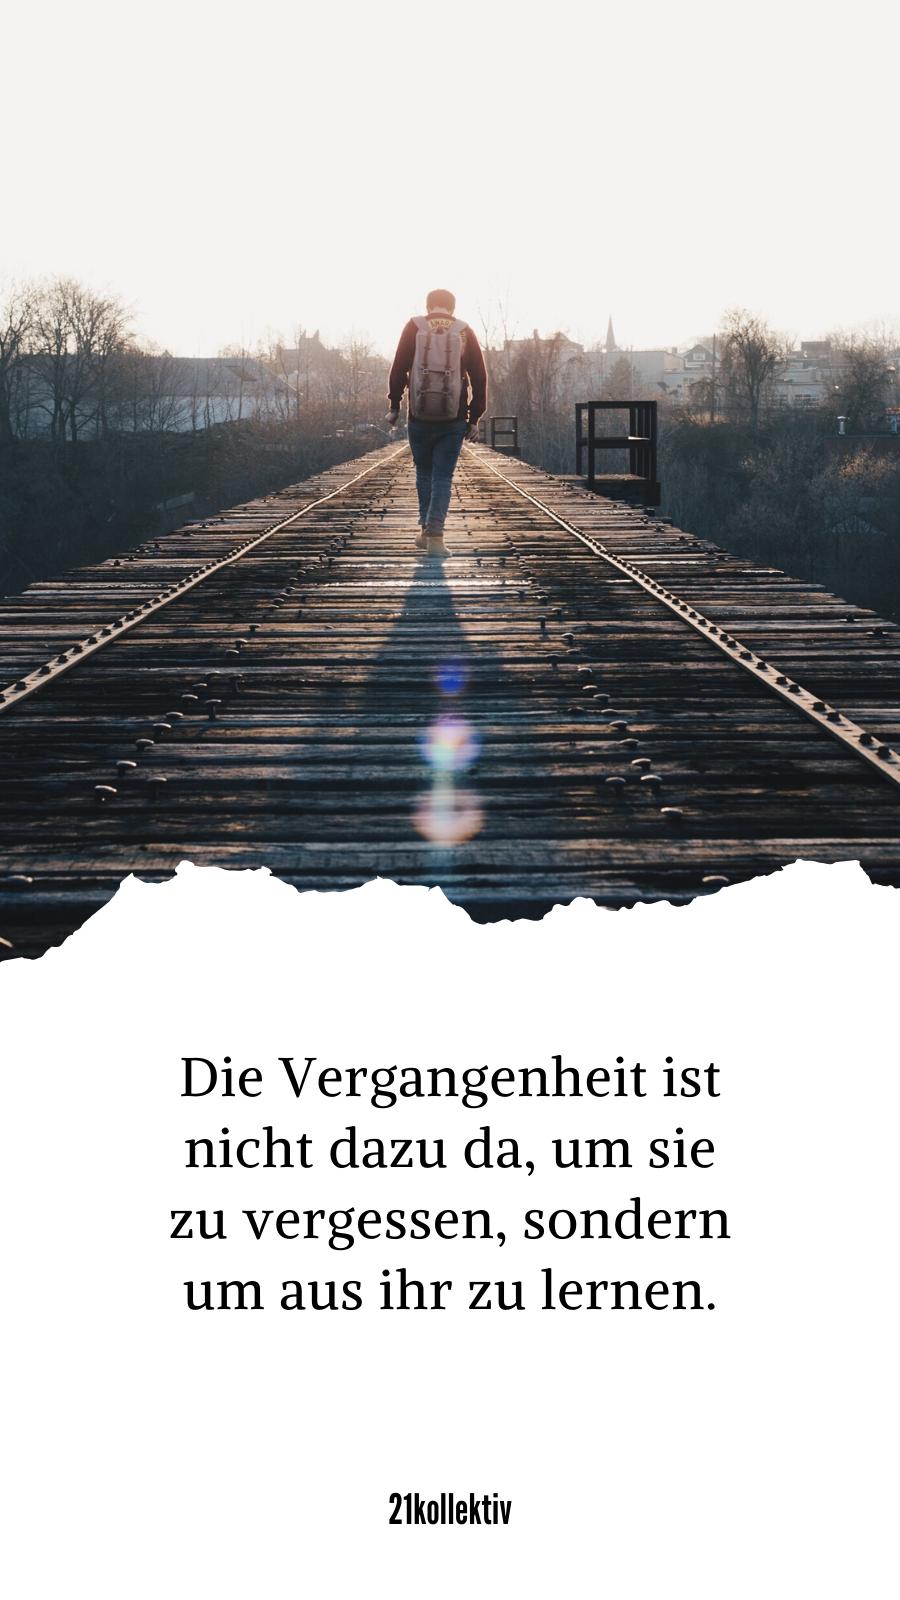 Spruch des Tages | Sprüche & Zitate | 21kollektiv in 2020